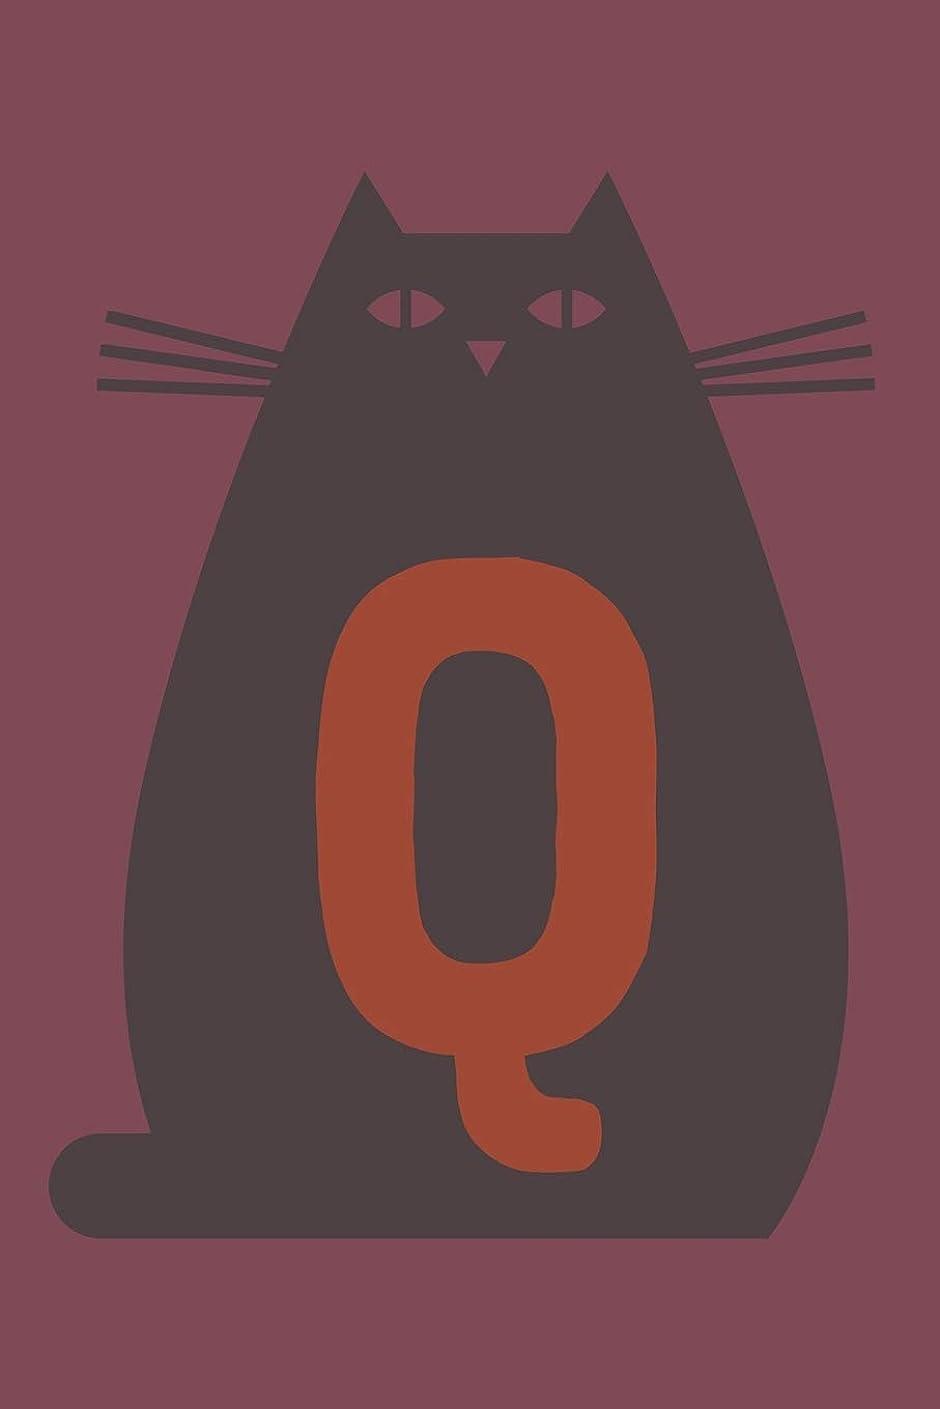 神経想定する公演Q: Personalized Cat Blank Lined Notebook, College Ruled Journal For Cat Lovers, Students and Teachers